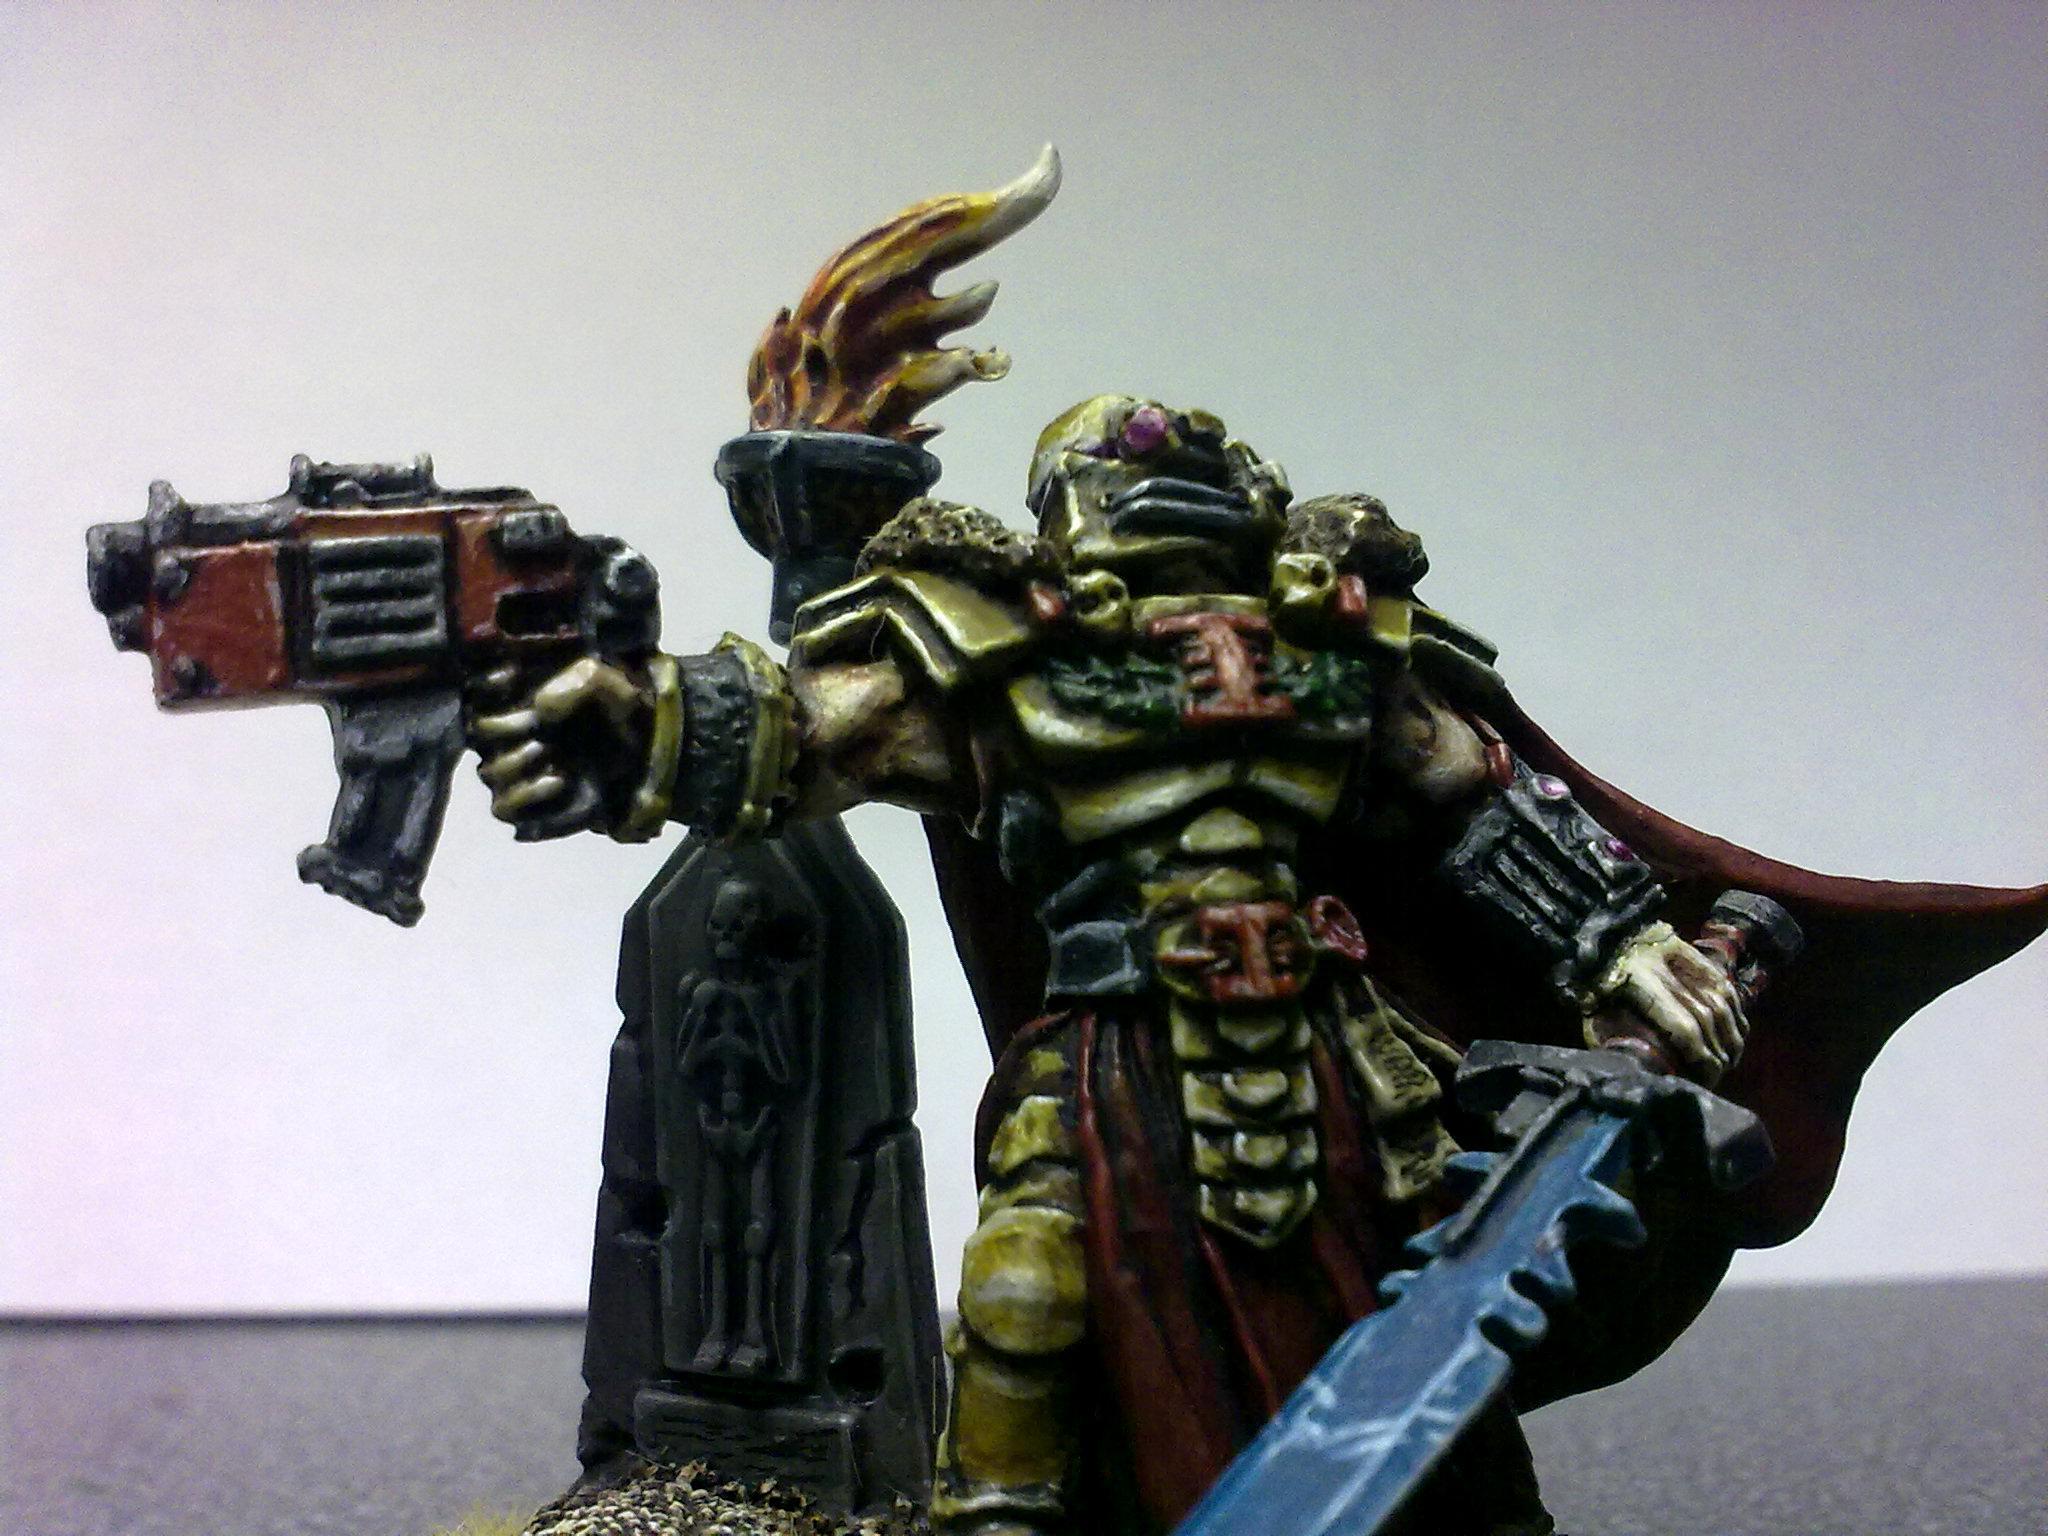 Inquisition, Inquisitor, Warhammer 40,000